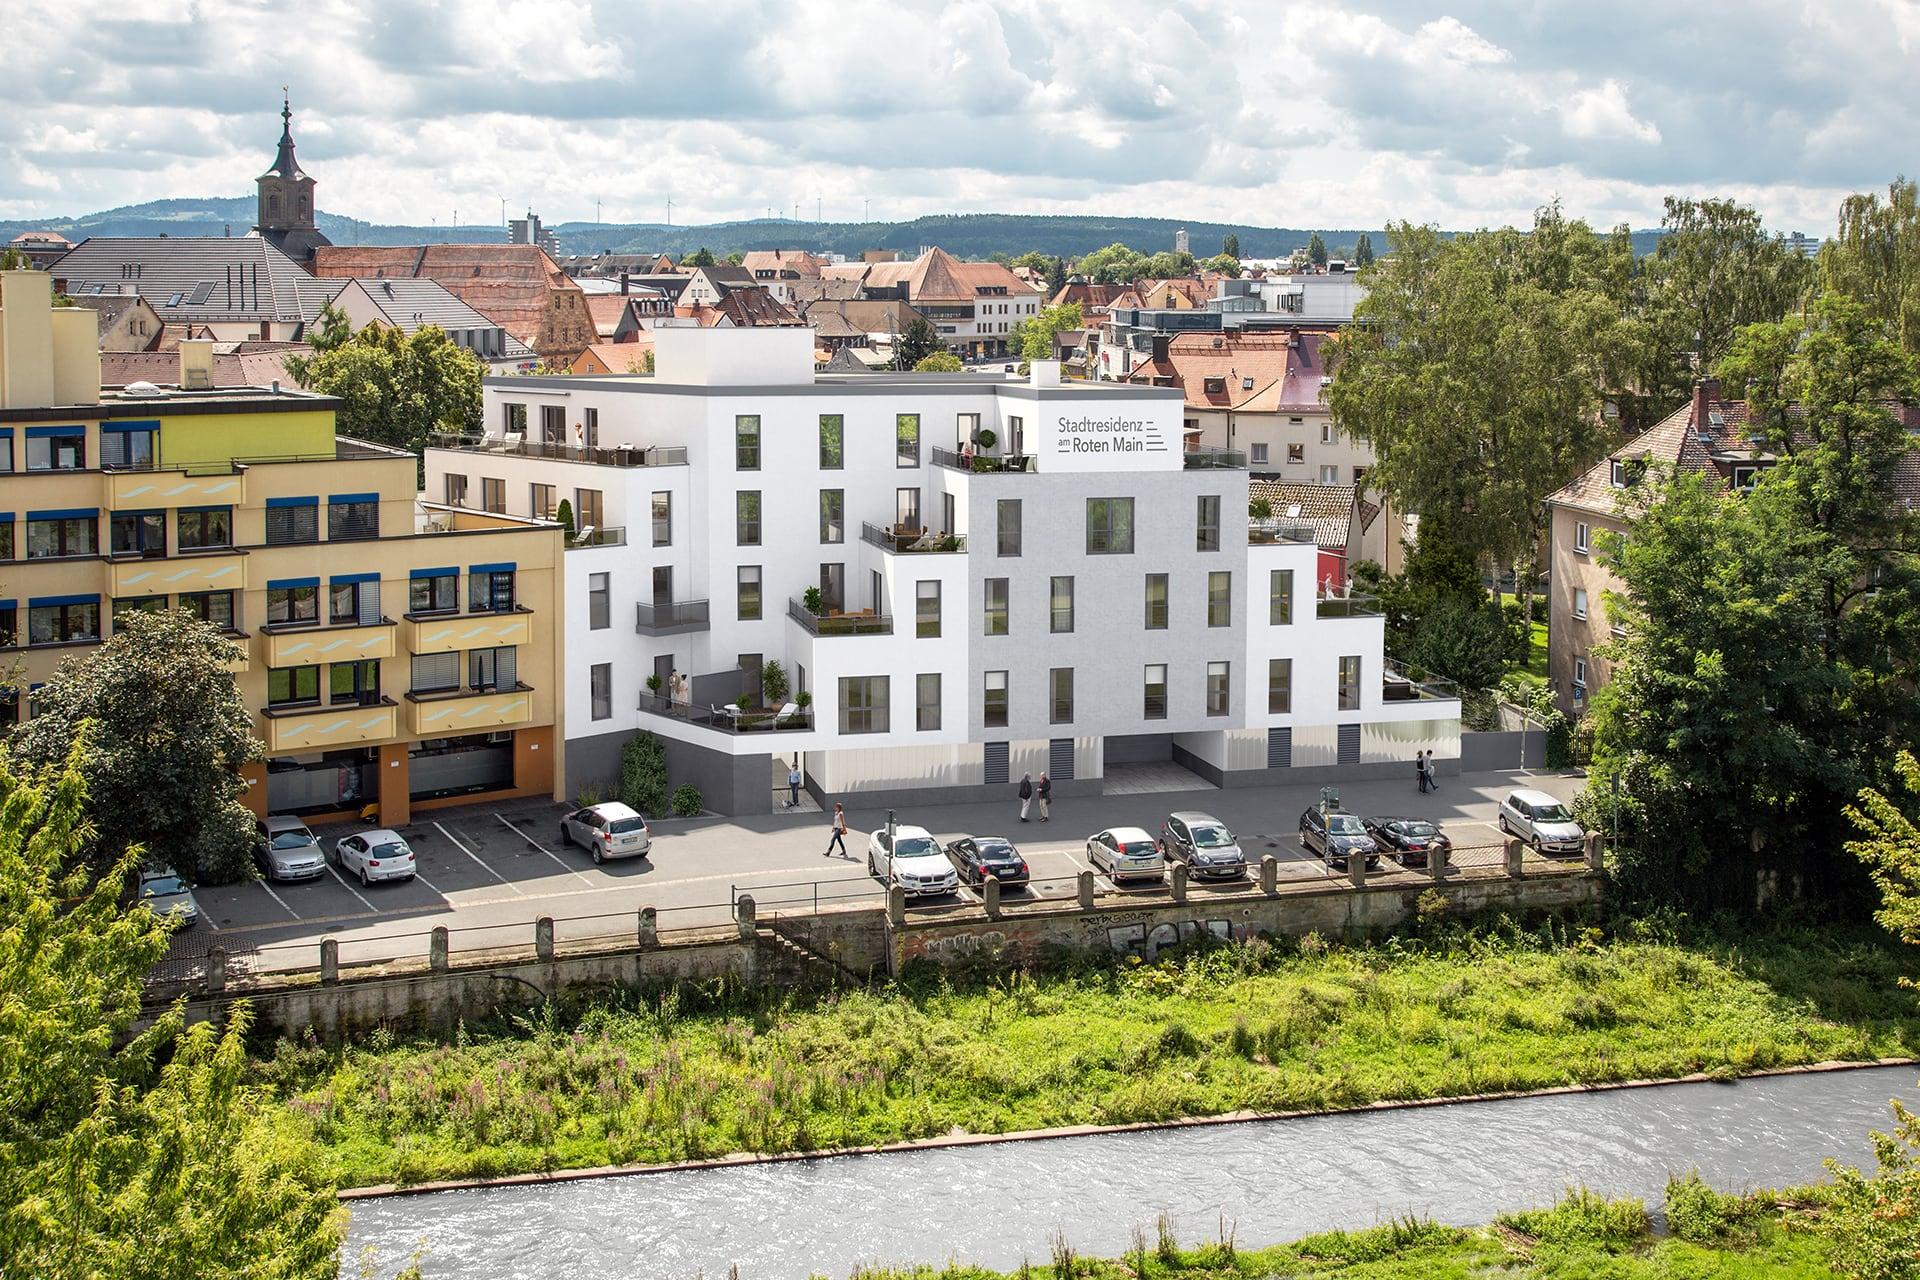 top-wohnprojekt-stadtresidenz-roter-main-objekt-01